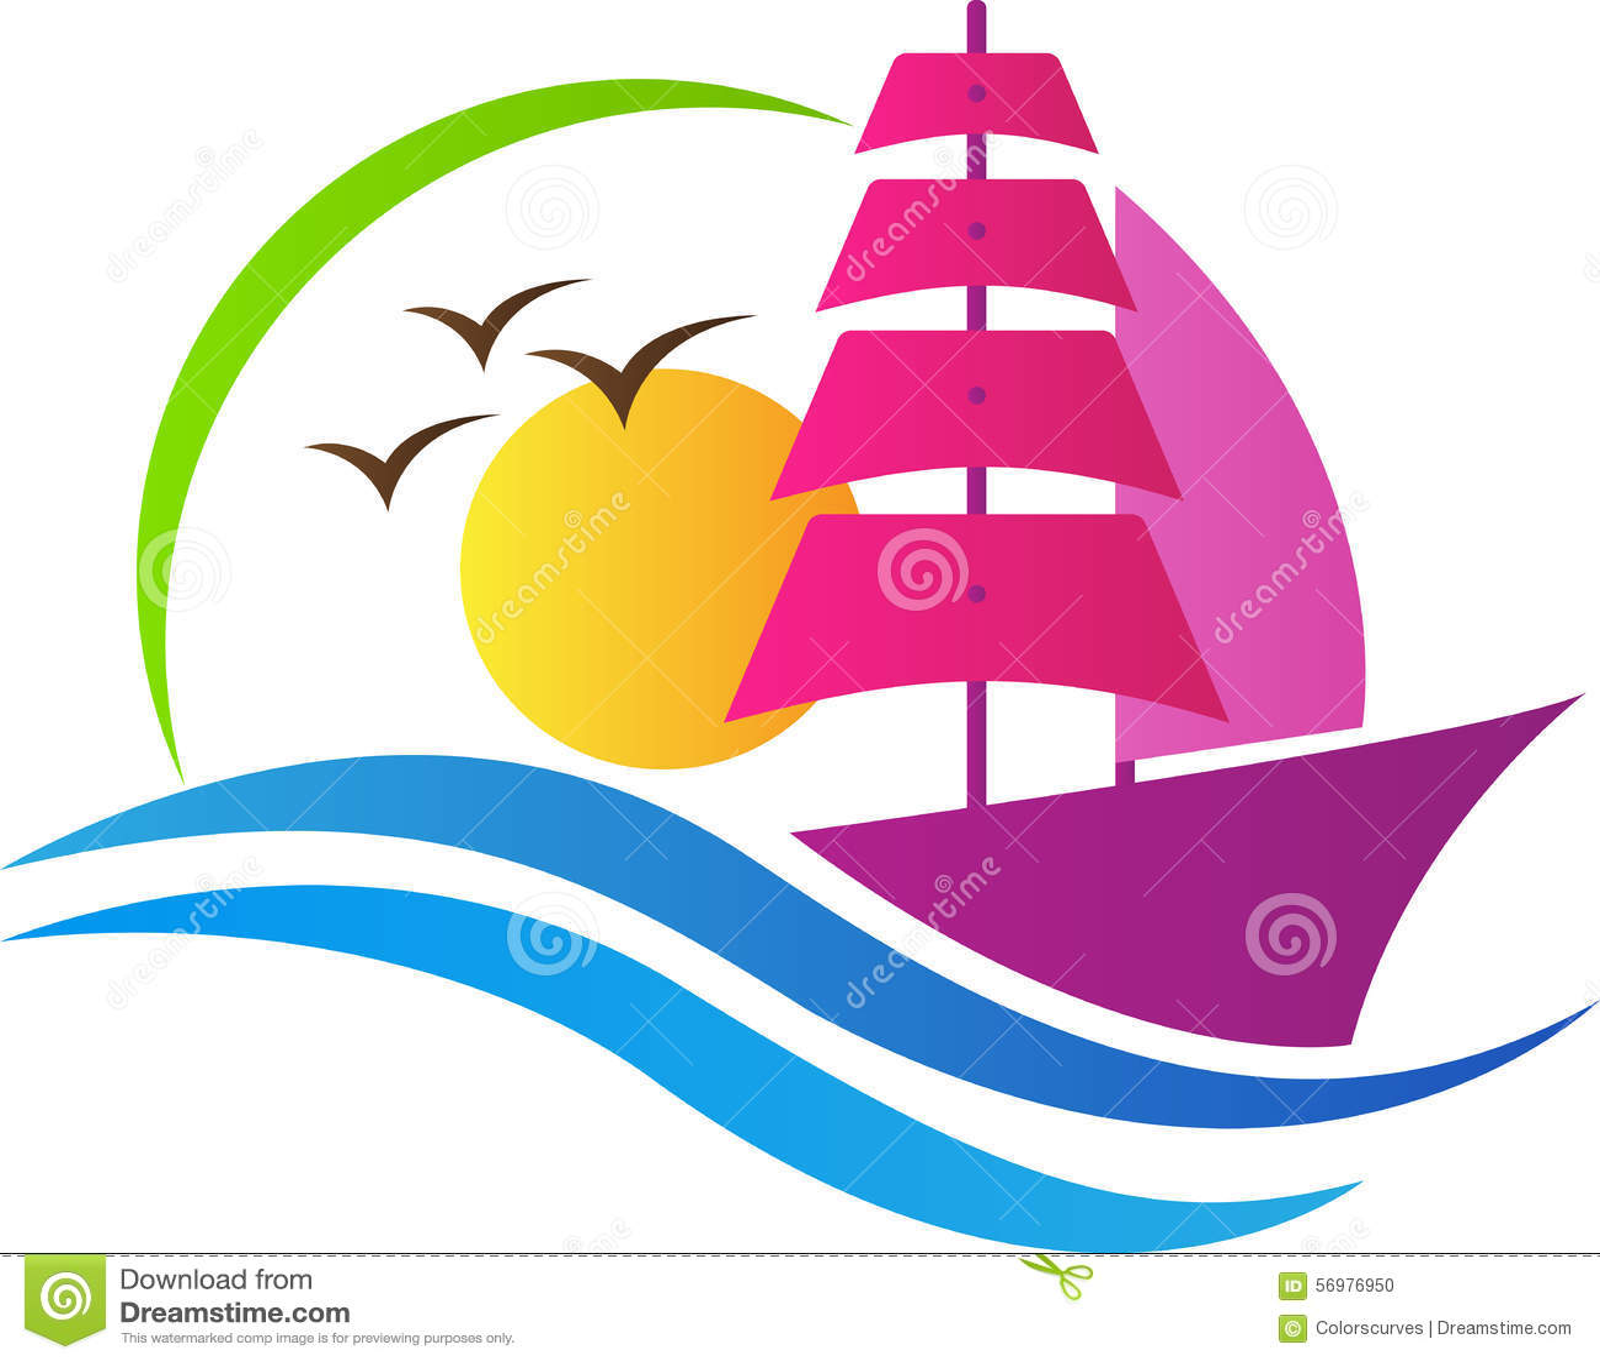 Boat Stock Illustrations – 89,152 Boat Stock Illustrations, Vectors ...